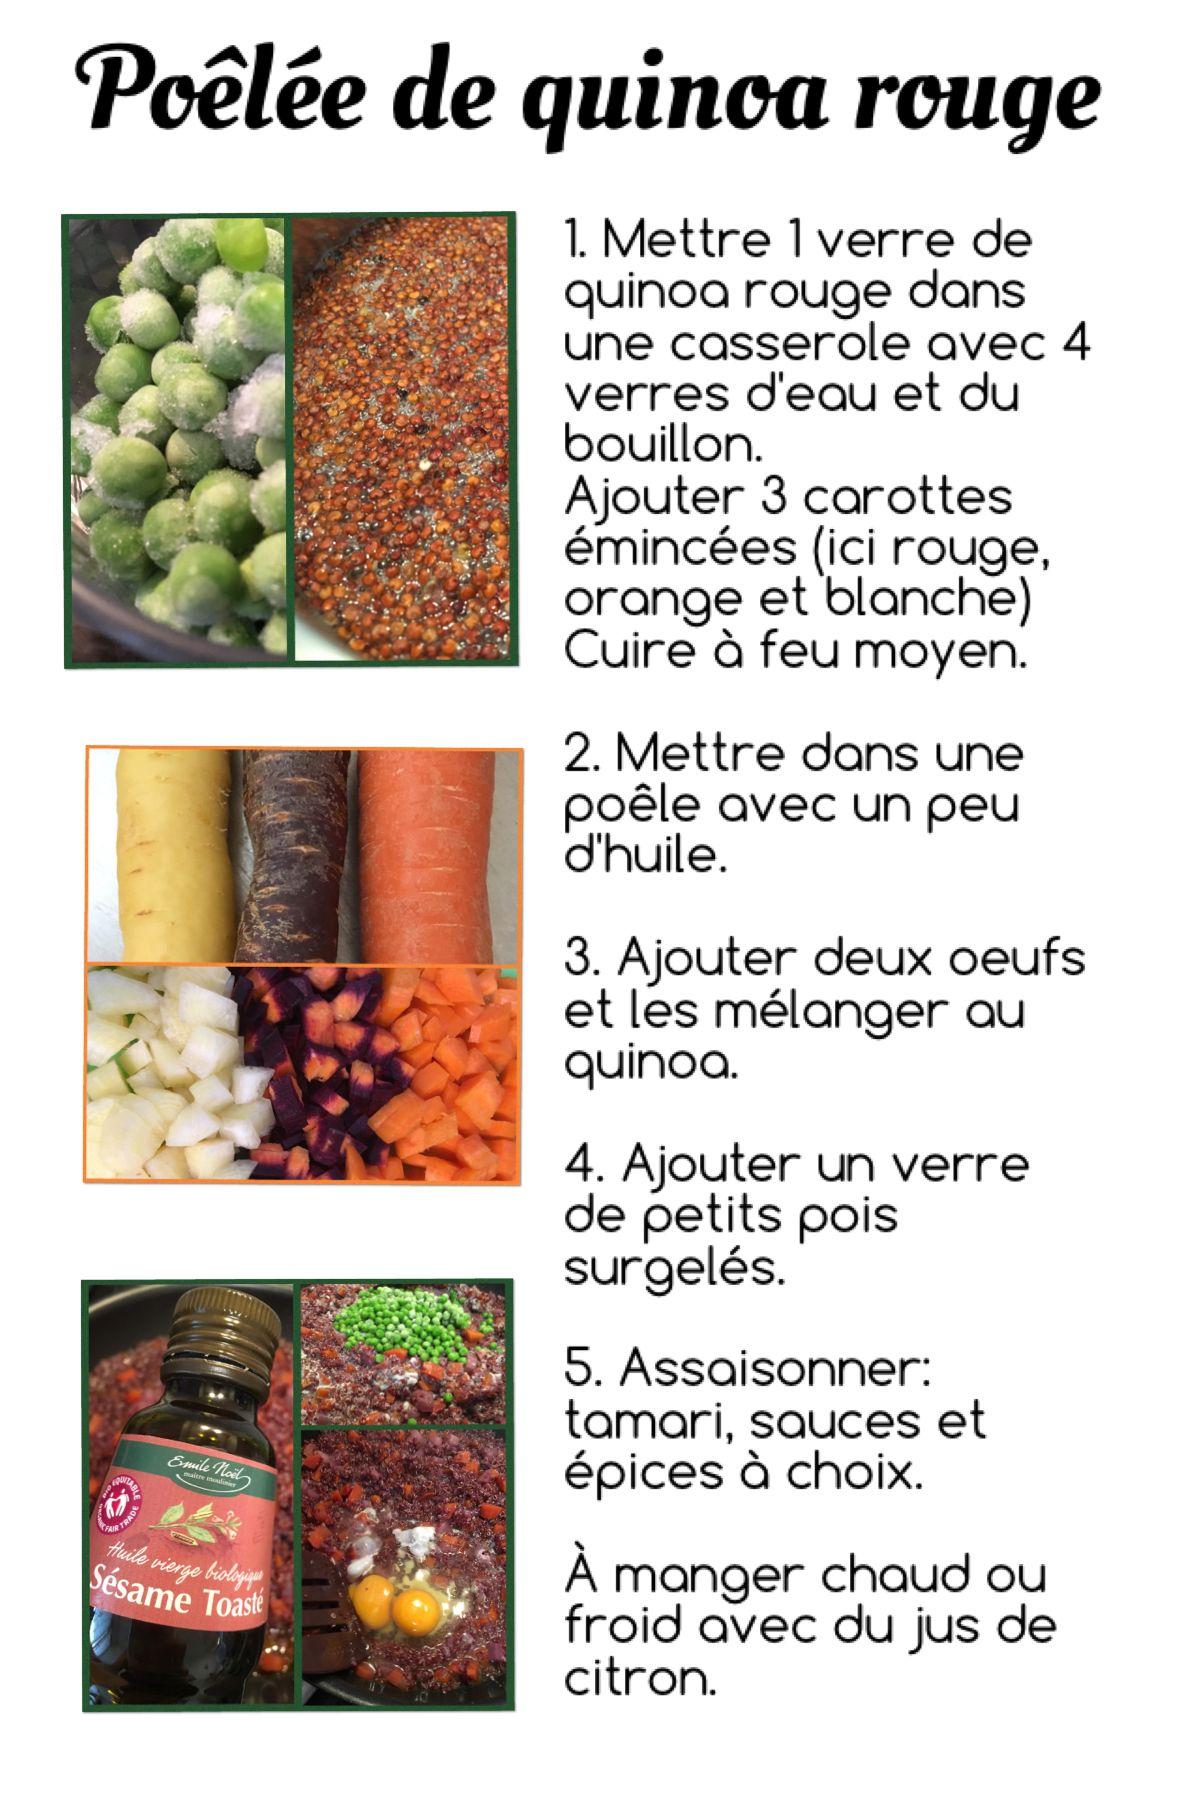 Poêlée de quinoa rouge